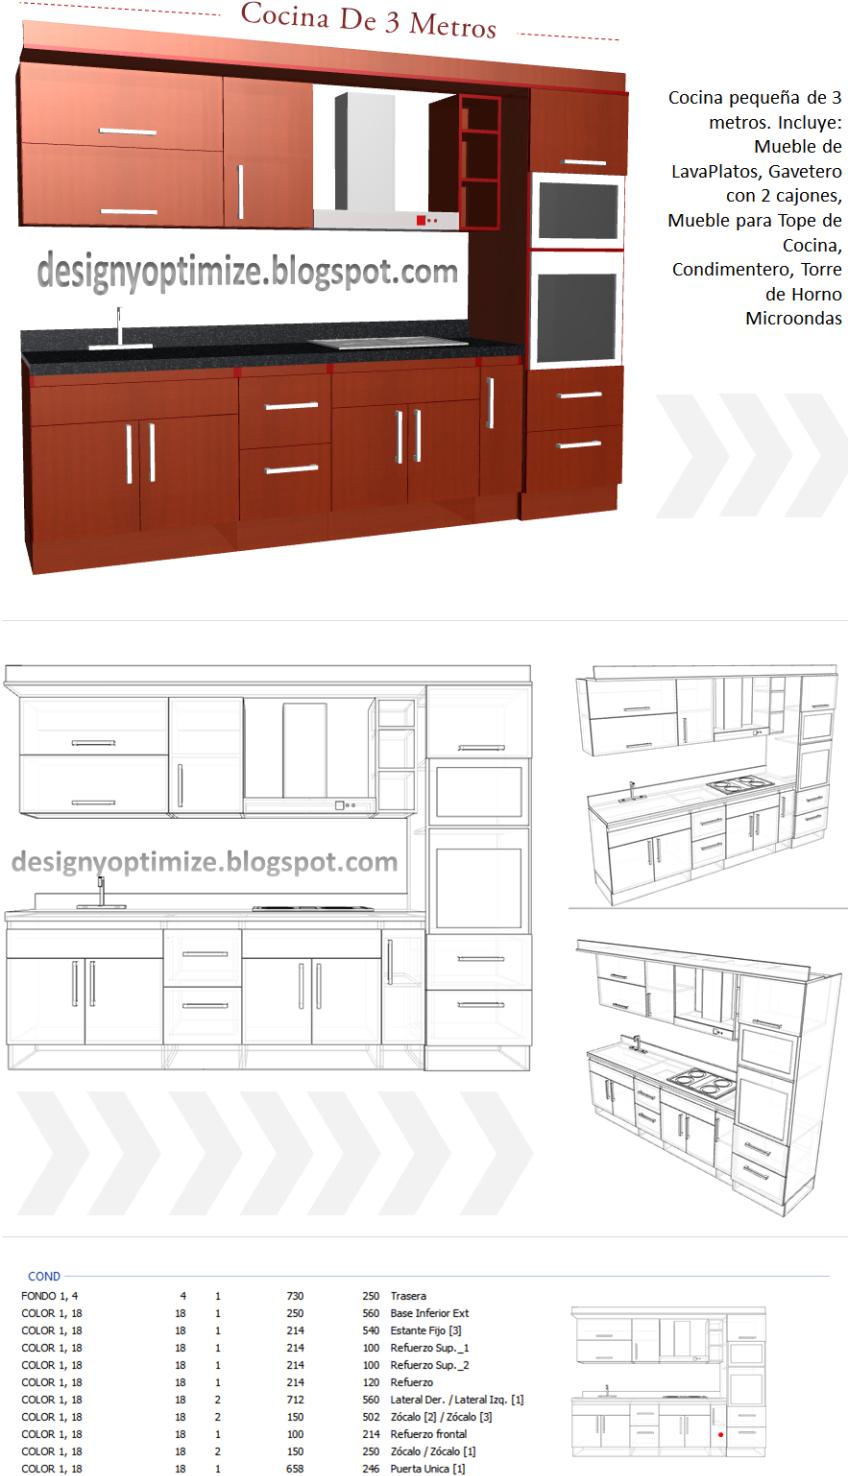 Diseños De Muebles: Armarios, Cocinas, Bibliotecas, Etc.: Como ...